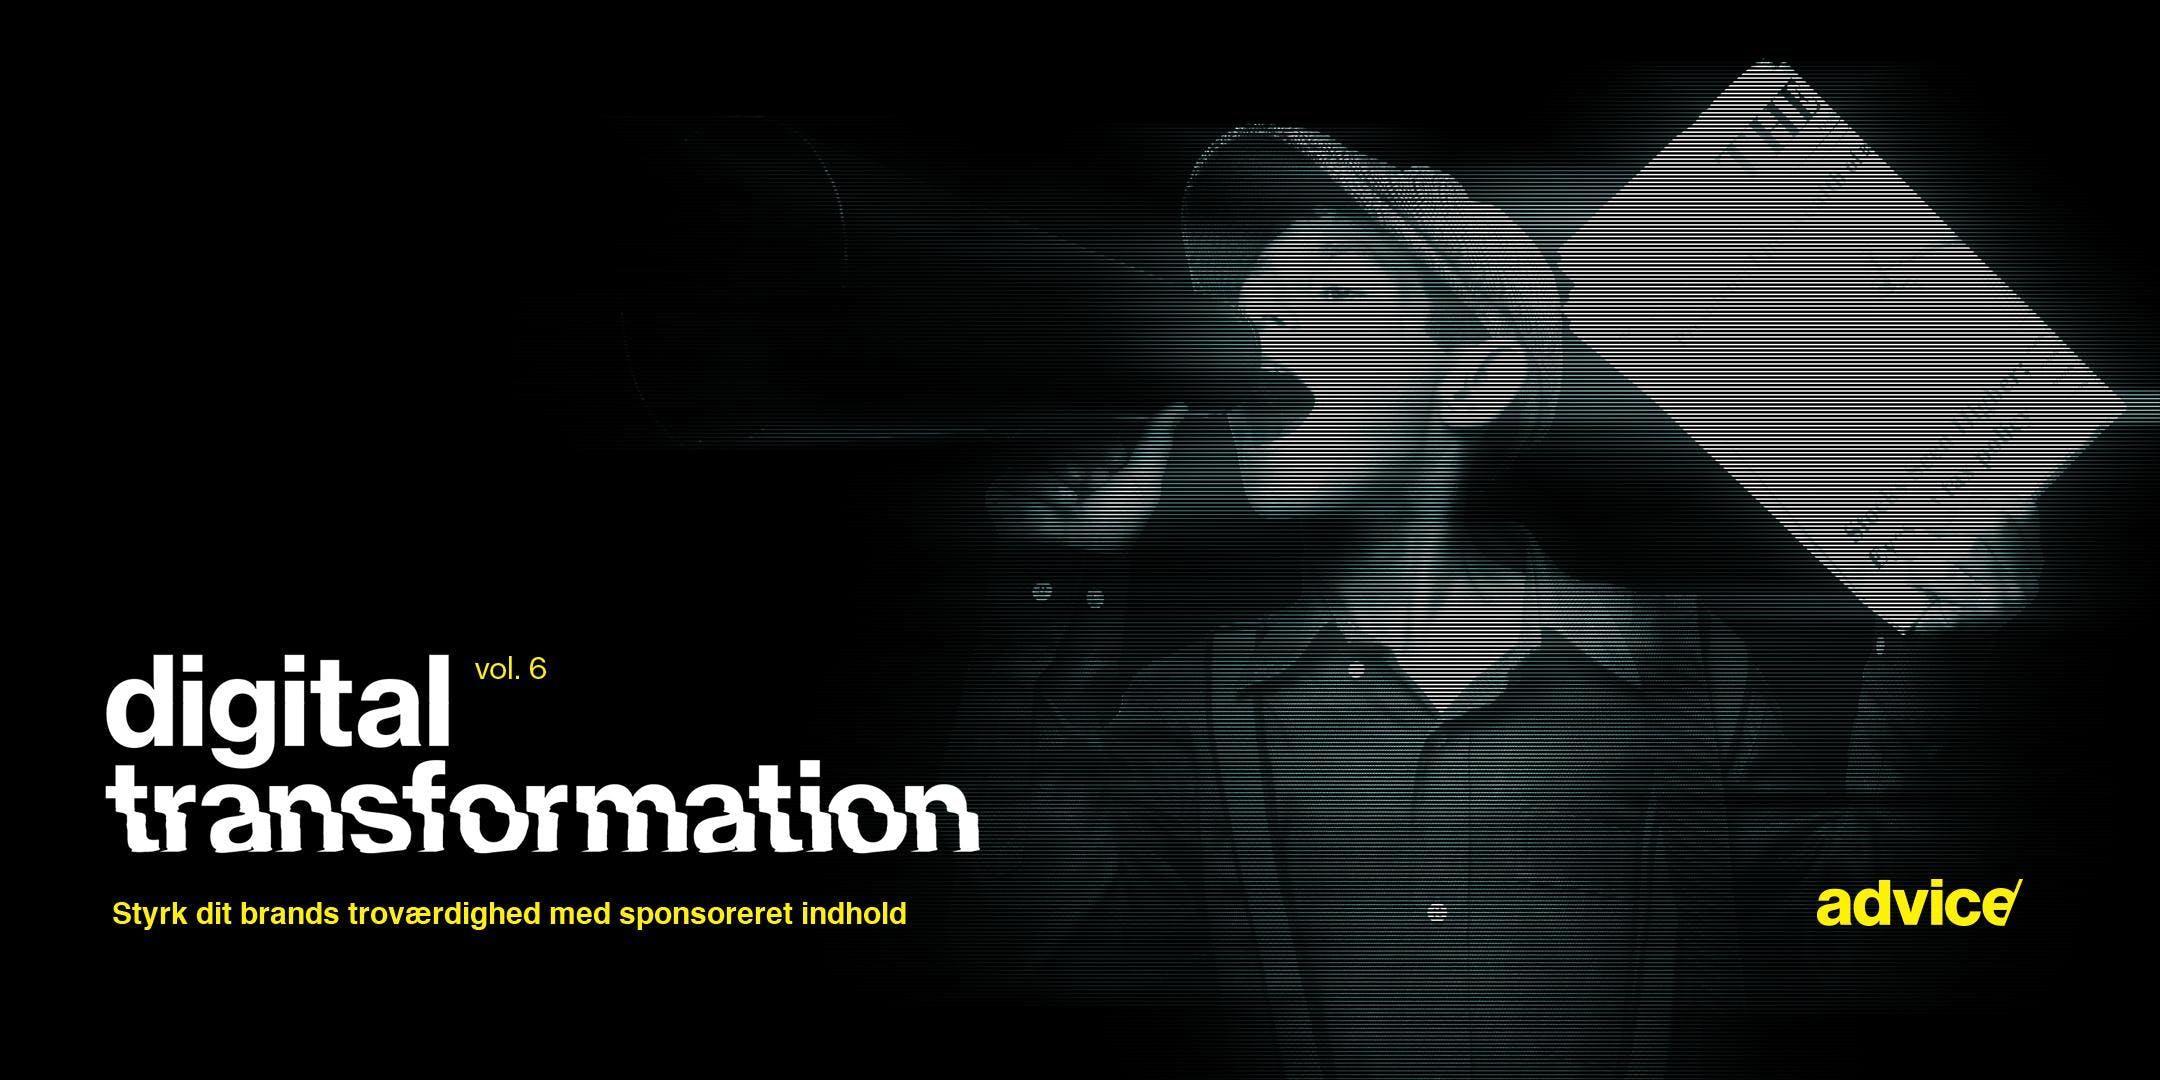 digital transformation vol. 6